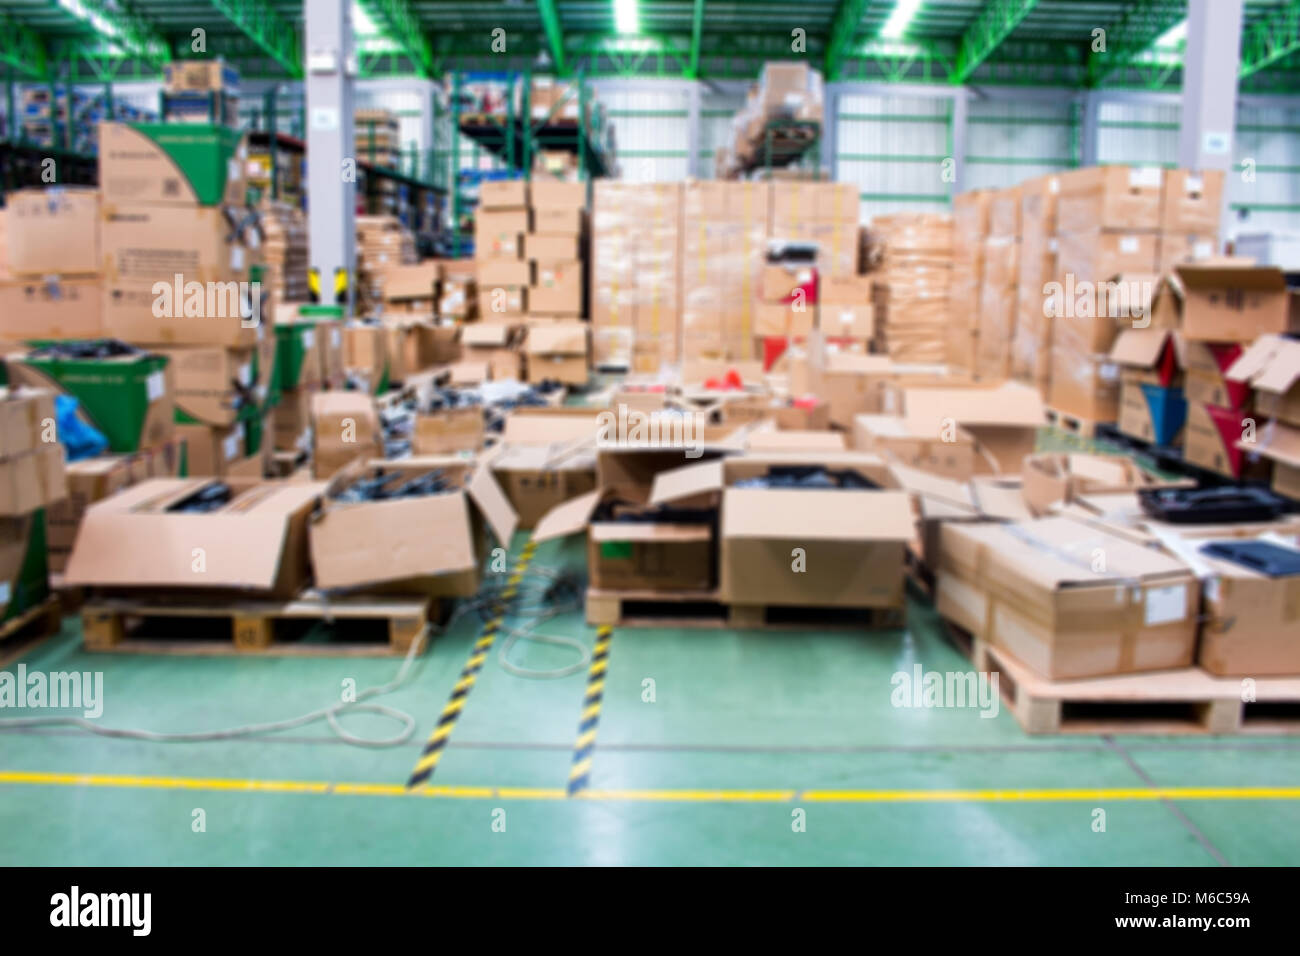 Storage Boxes On Shelves Stock Photos & Storage Boxes On Shelves